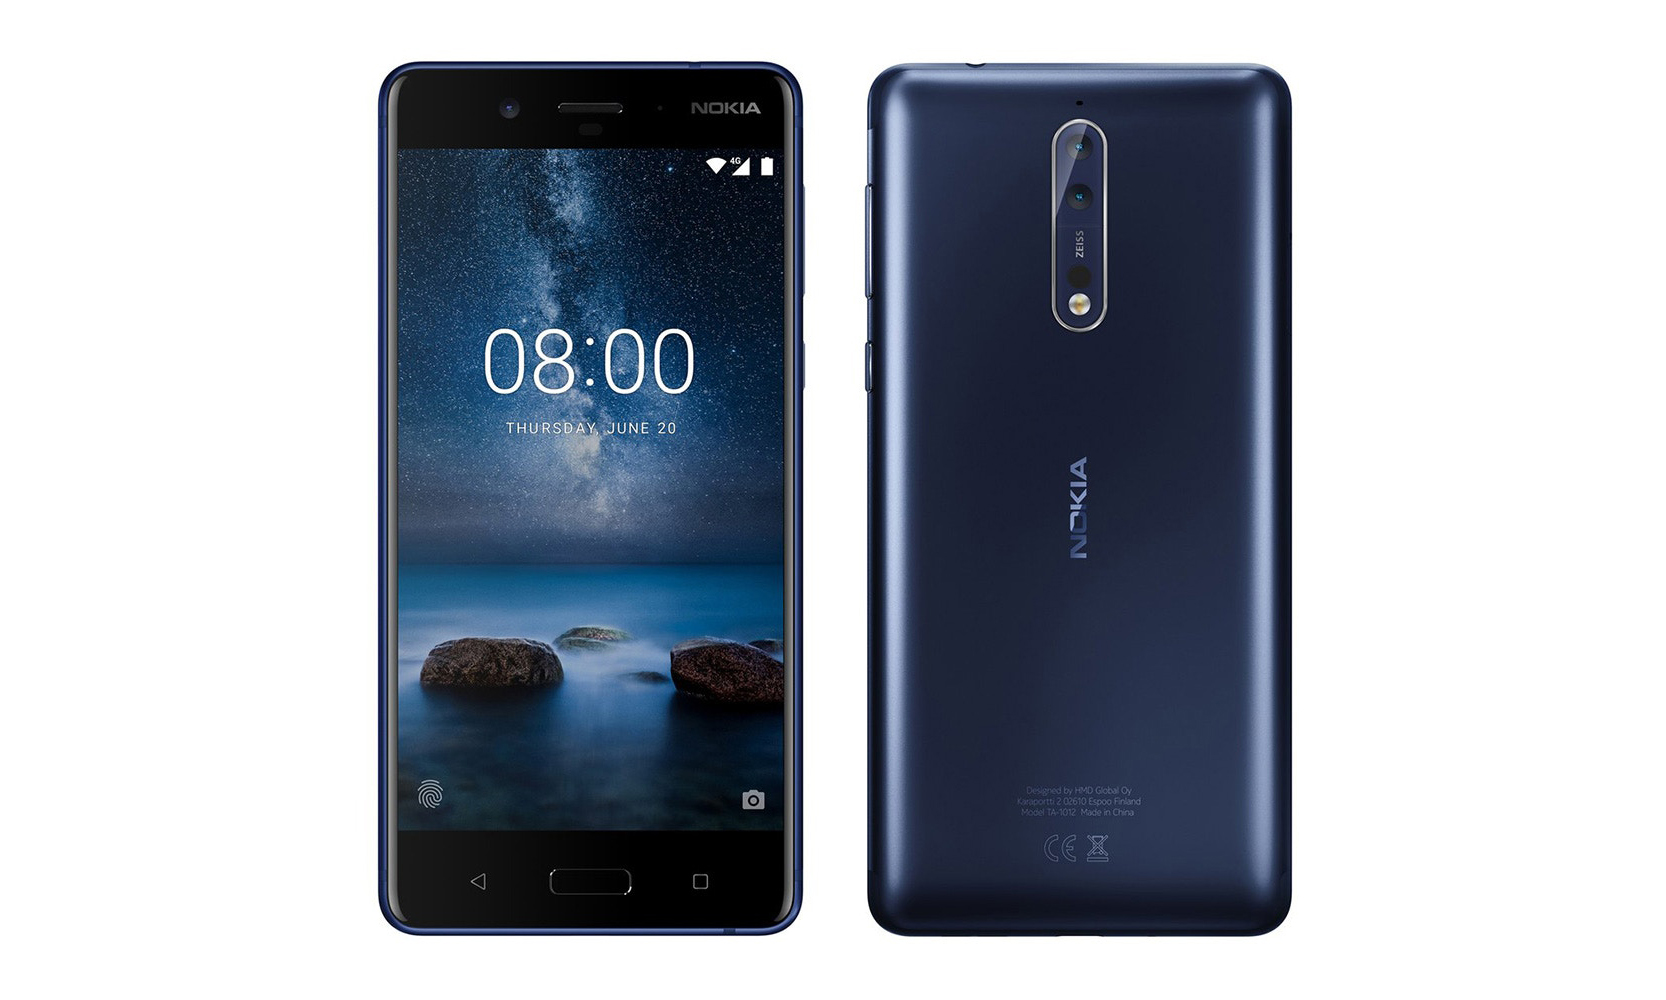 Nokia 推出新一代智能手机 — Nokia 8